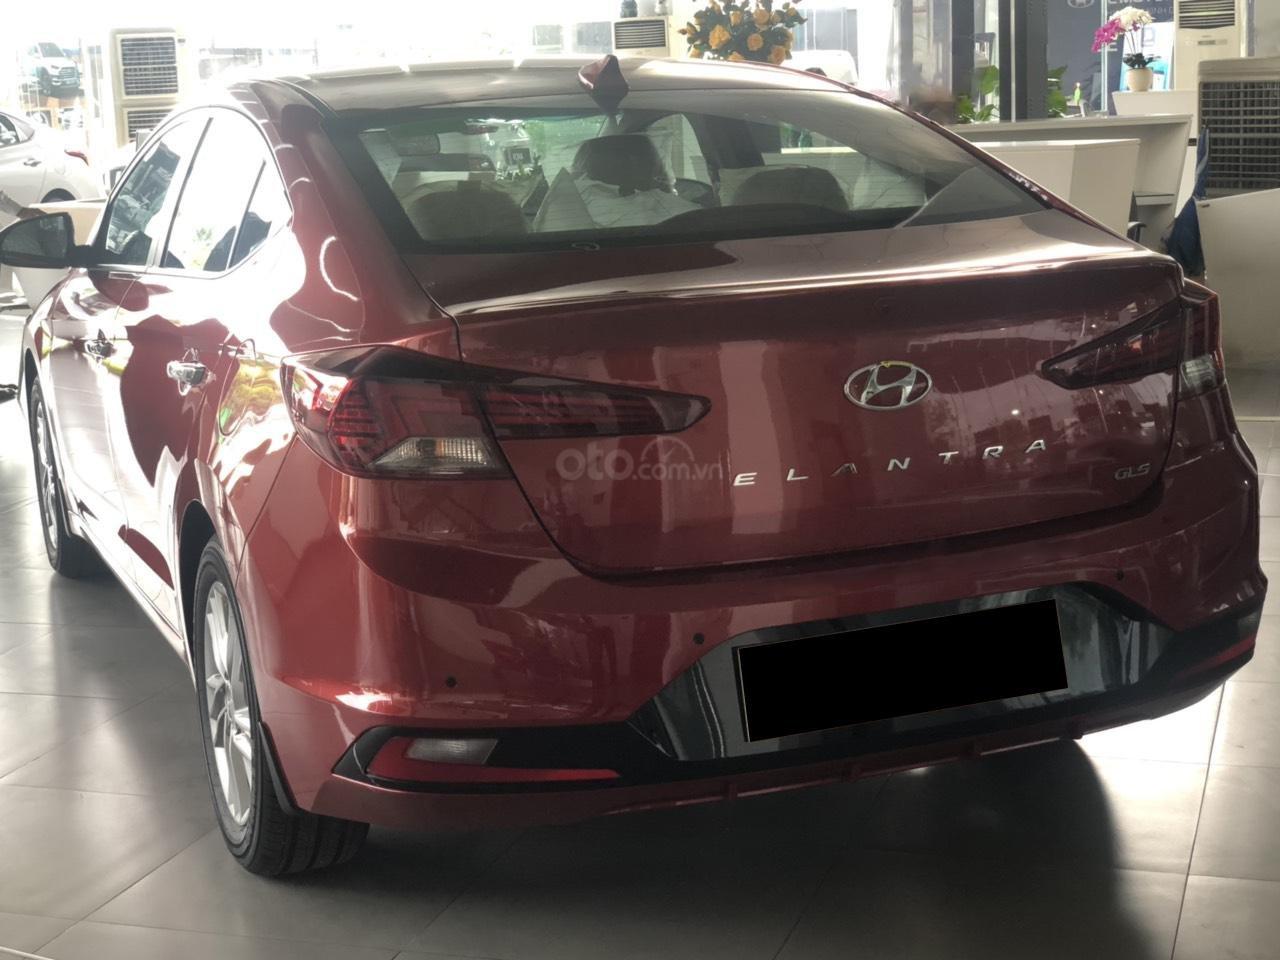 Hyundai Elentra 2019 - Giá tốt - Xe sẵn - Bank bao đậu (3)